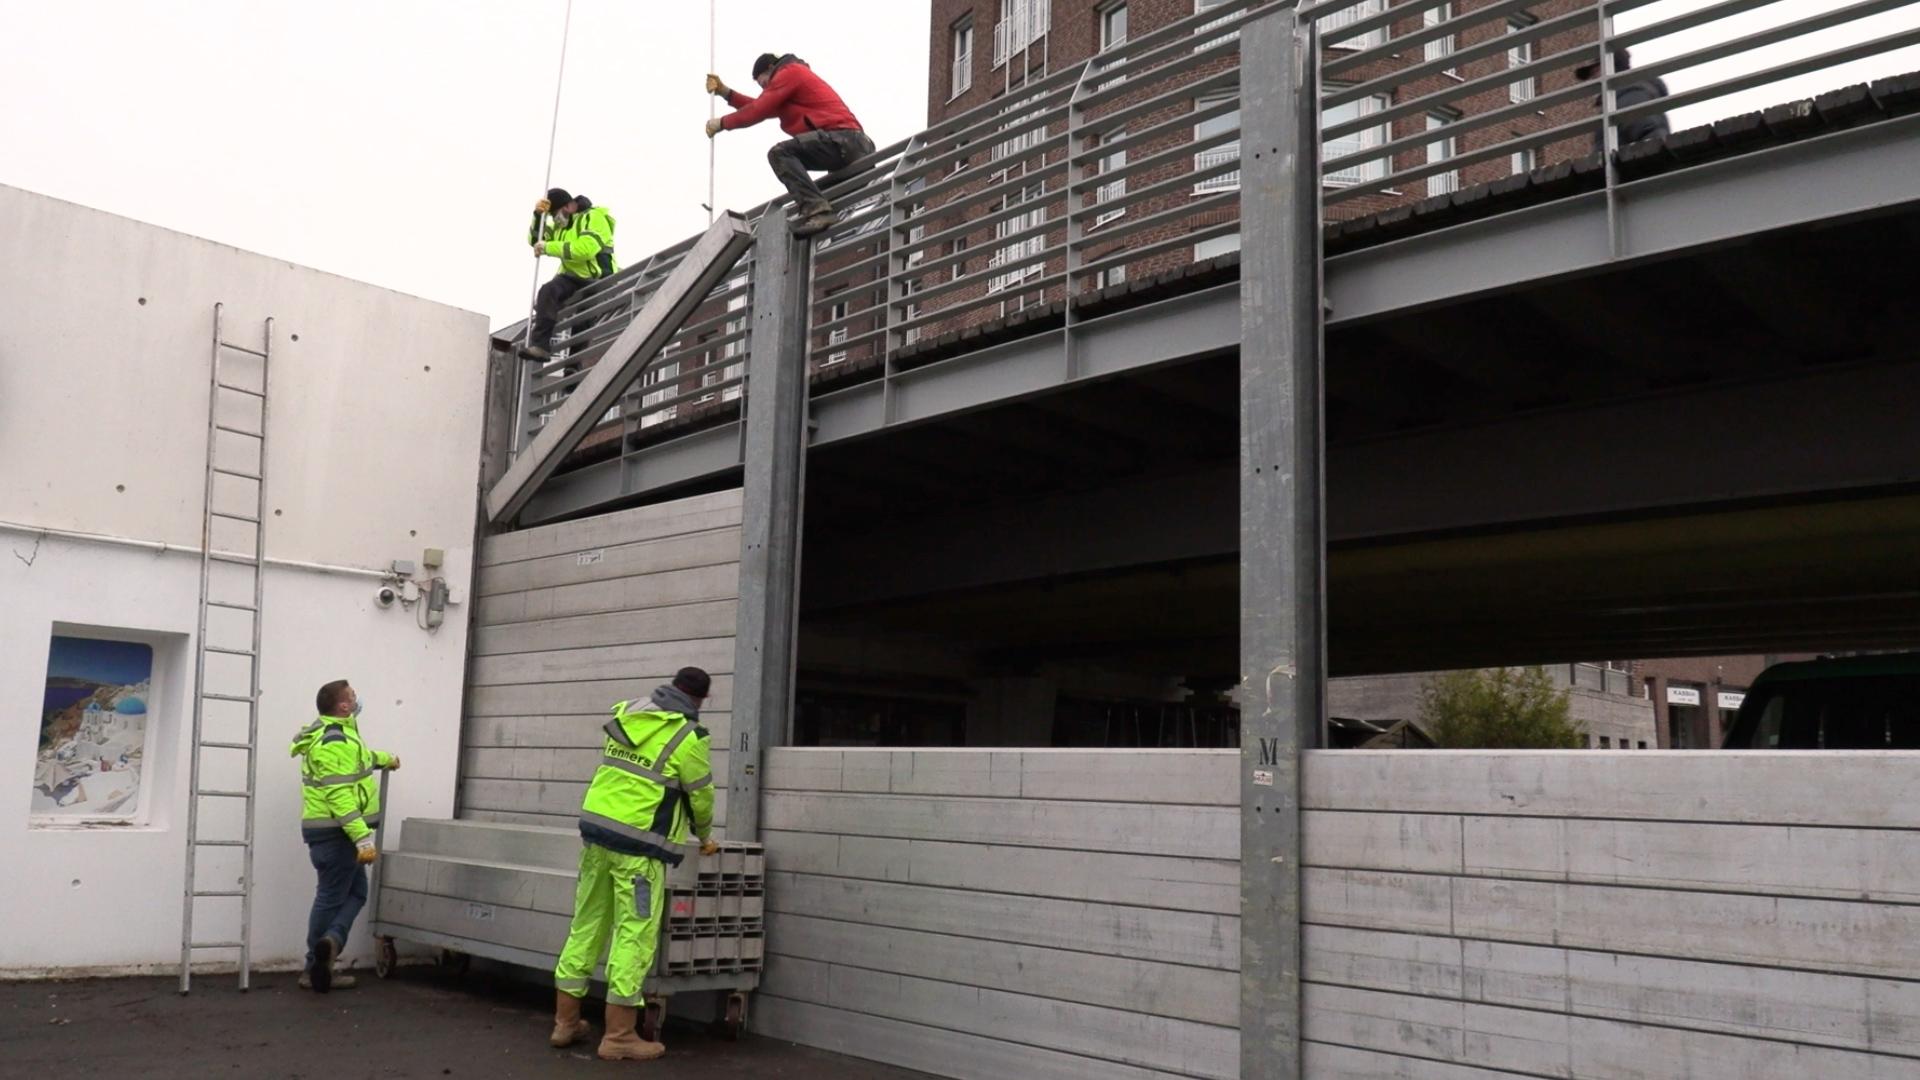 Hochwasser: Schutzwand am Alten Hafen aufgebaut, Parkplätze gesperrt